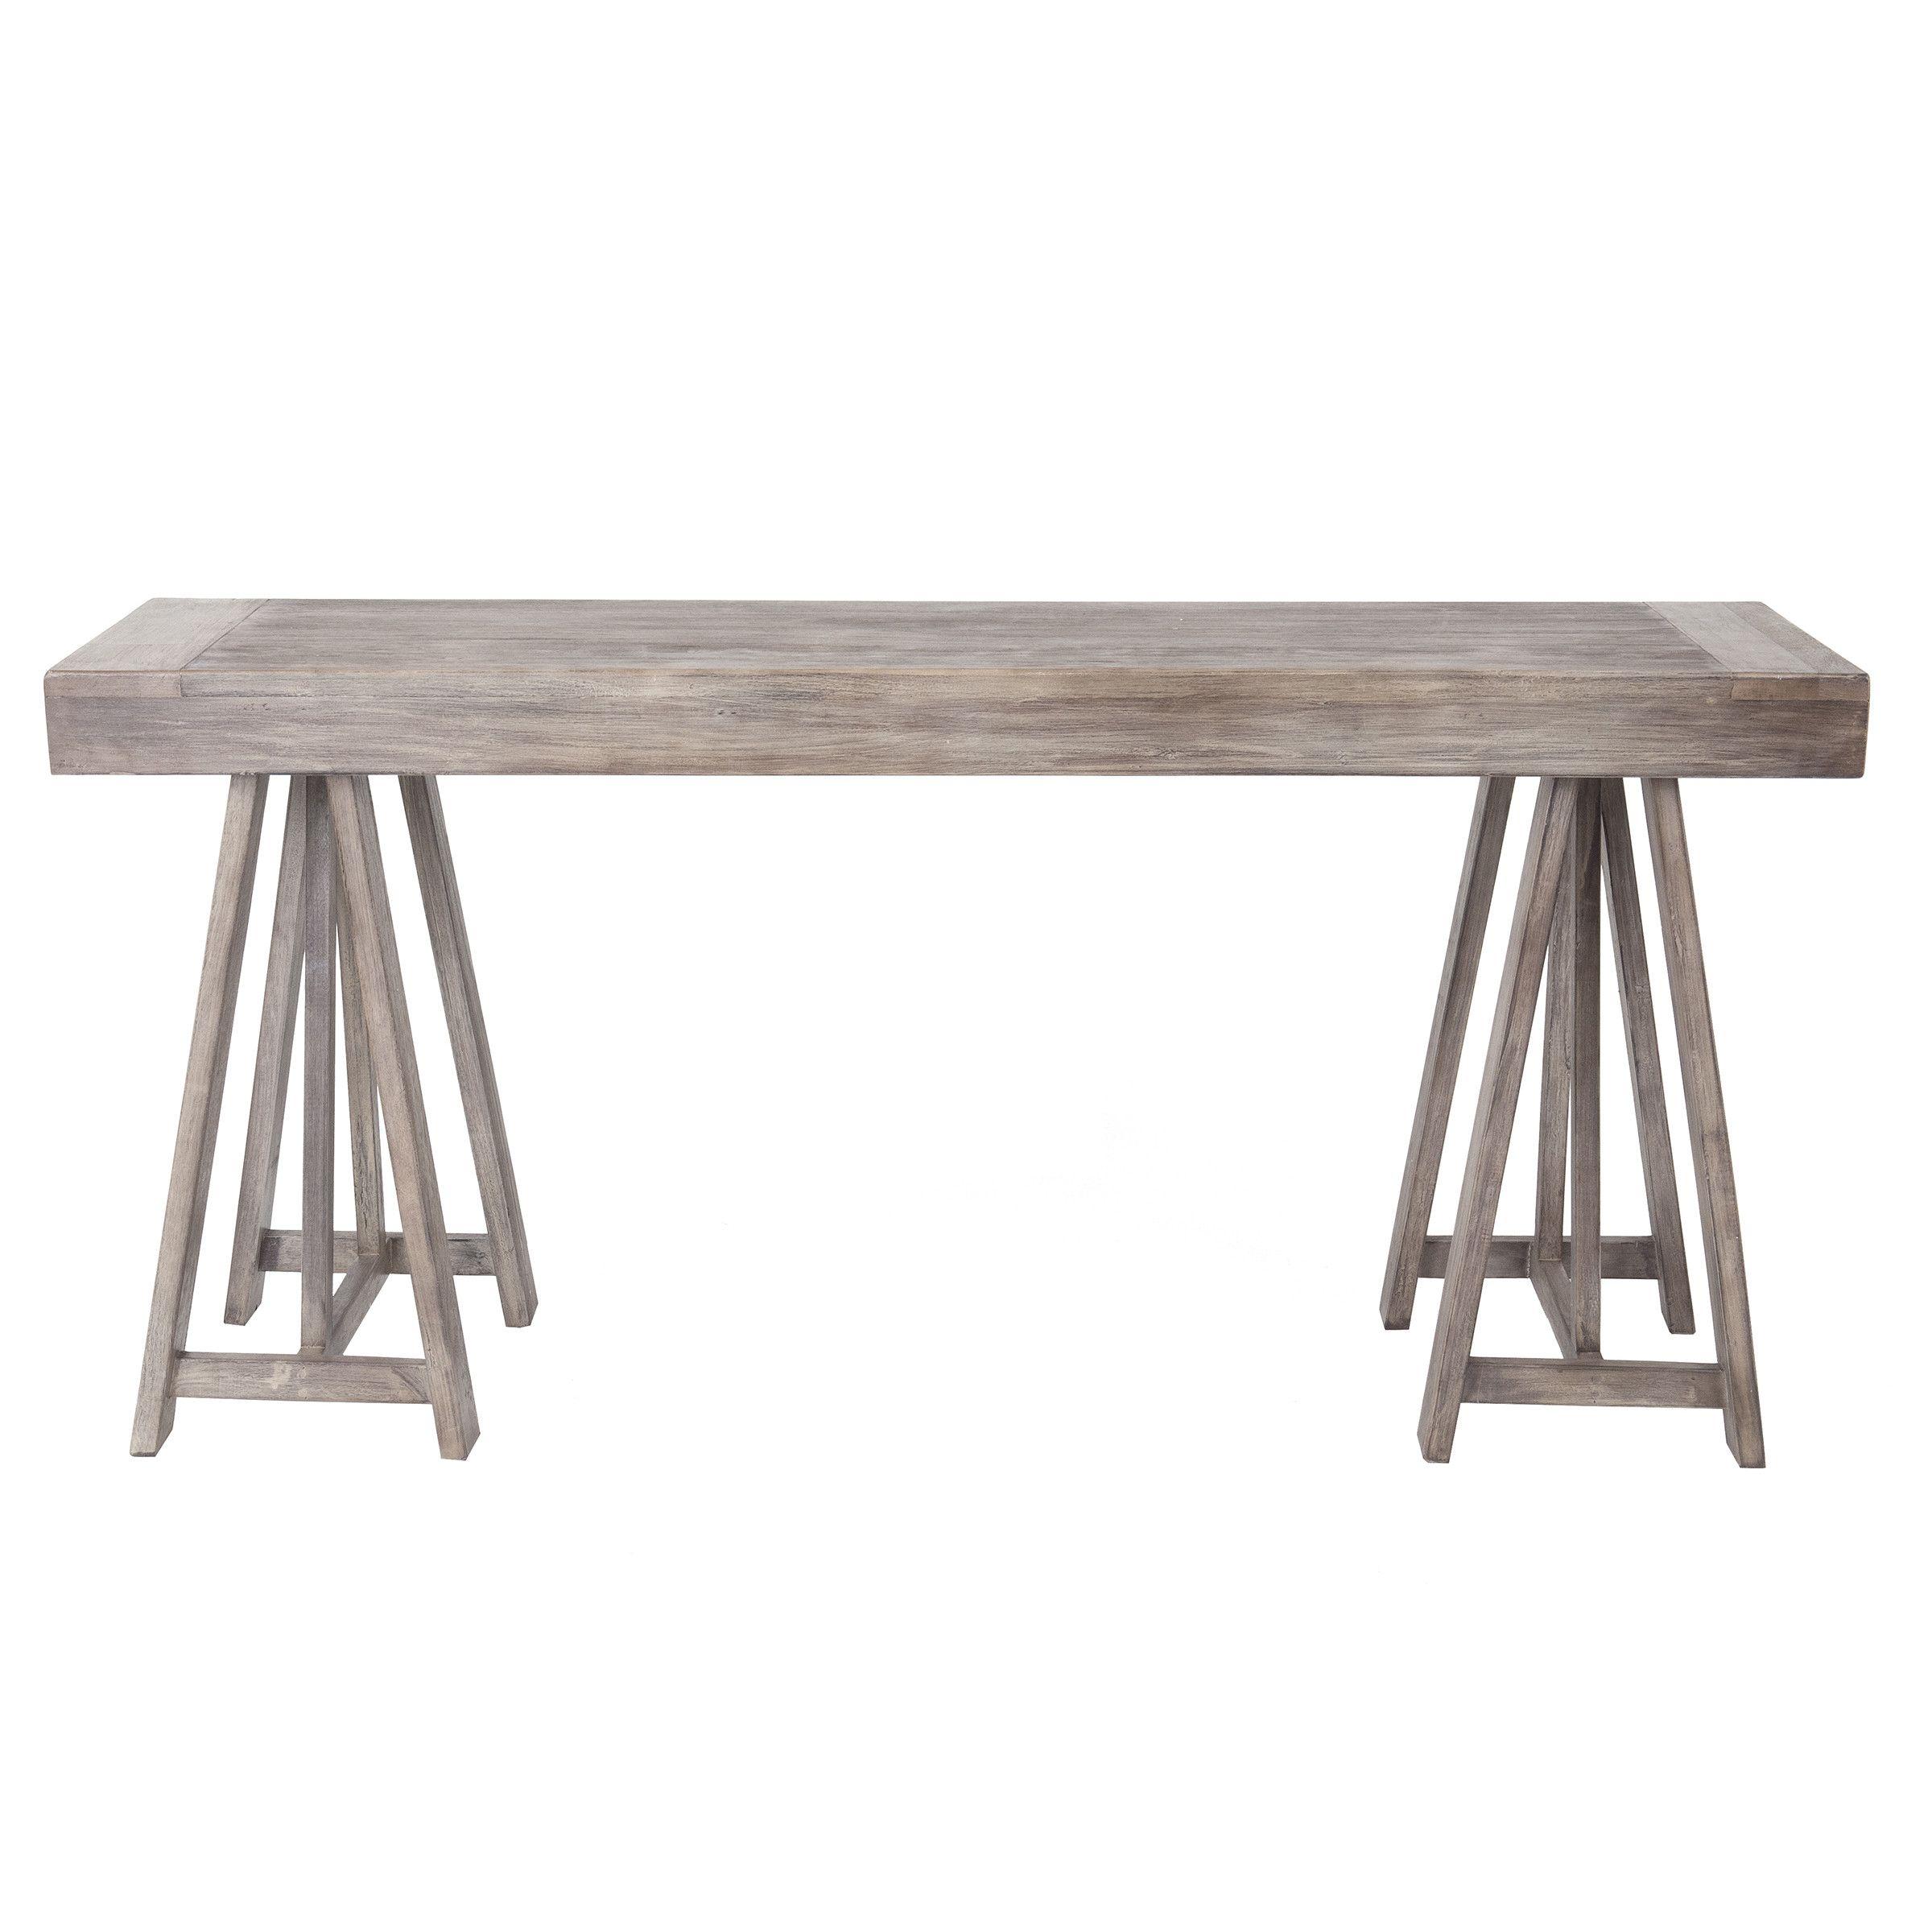 Jeffan Sonoma Console Table, $427.95 Trade Price